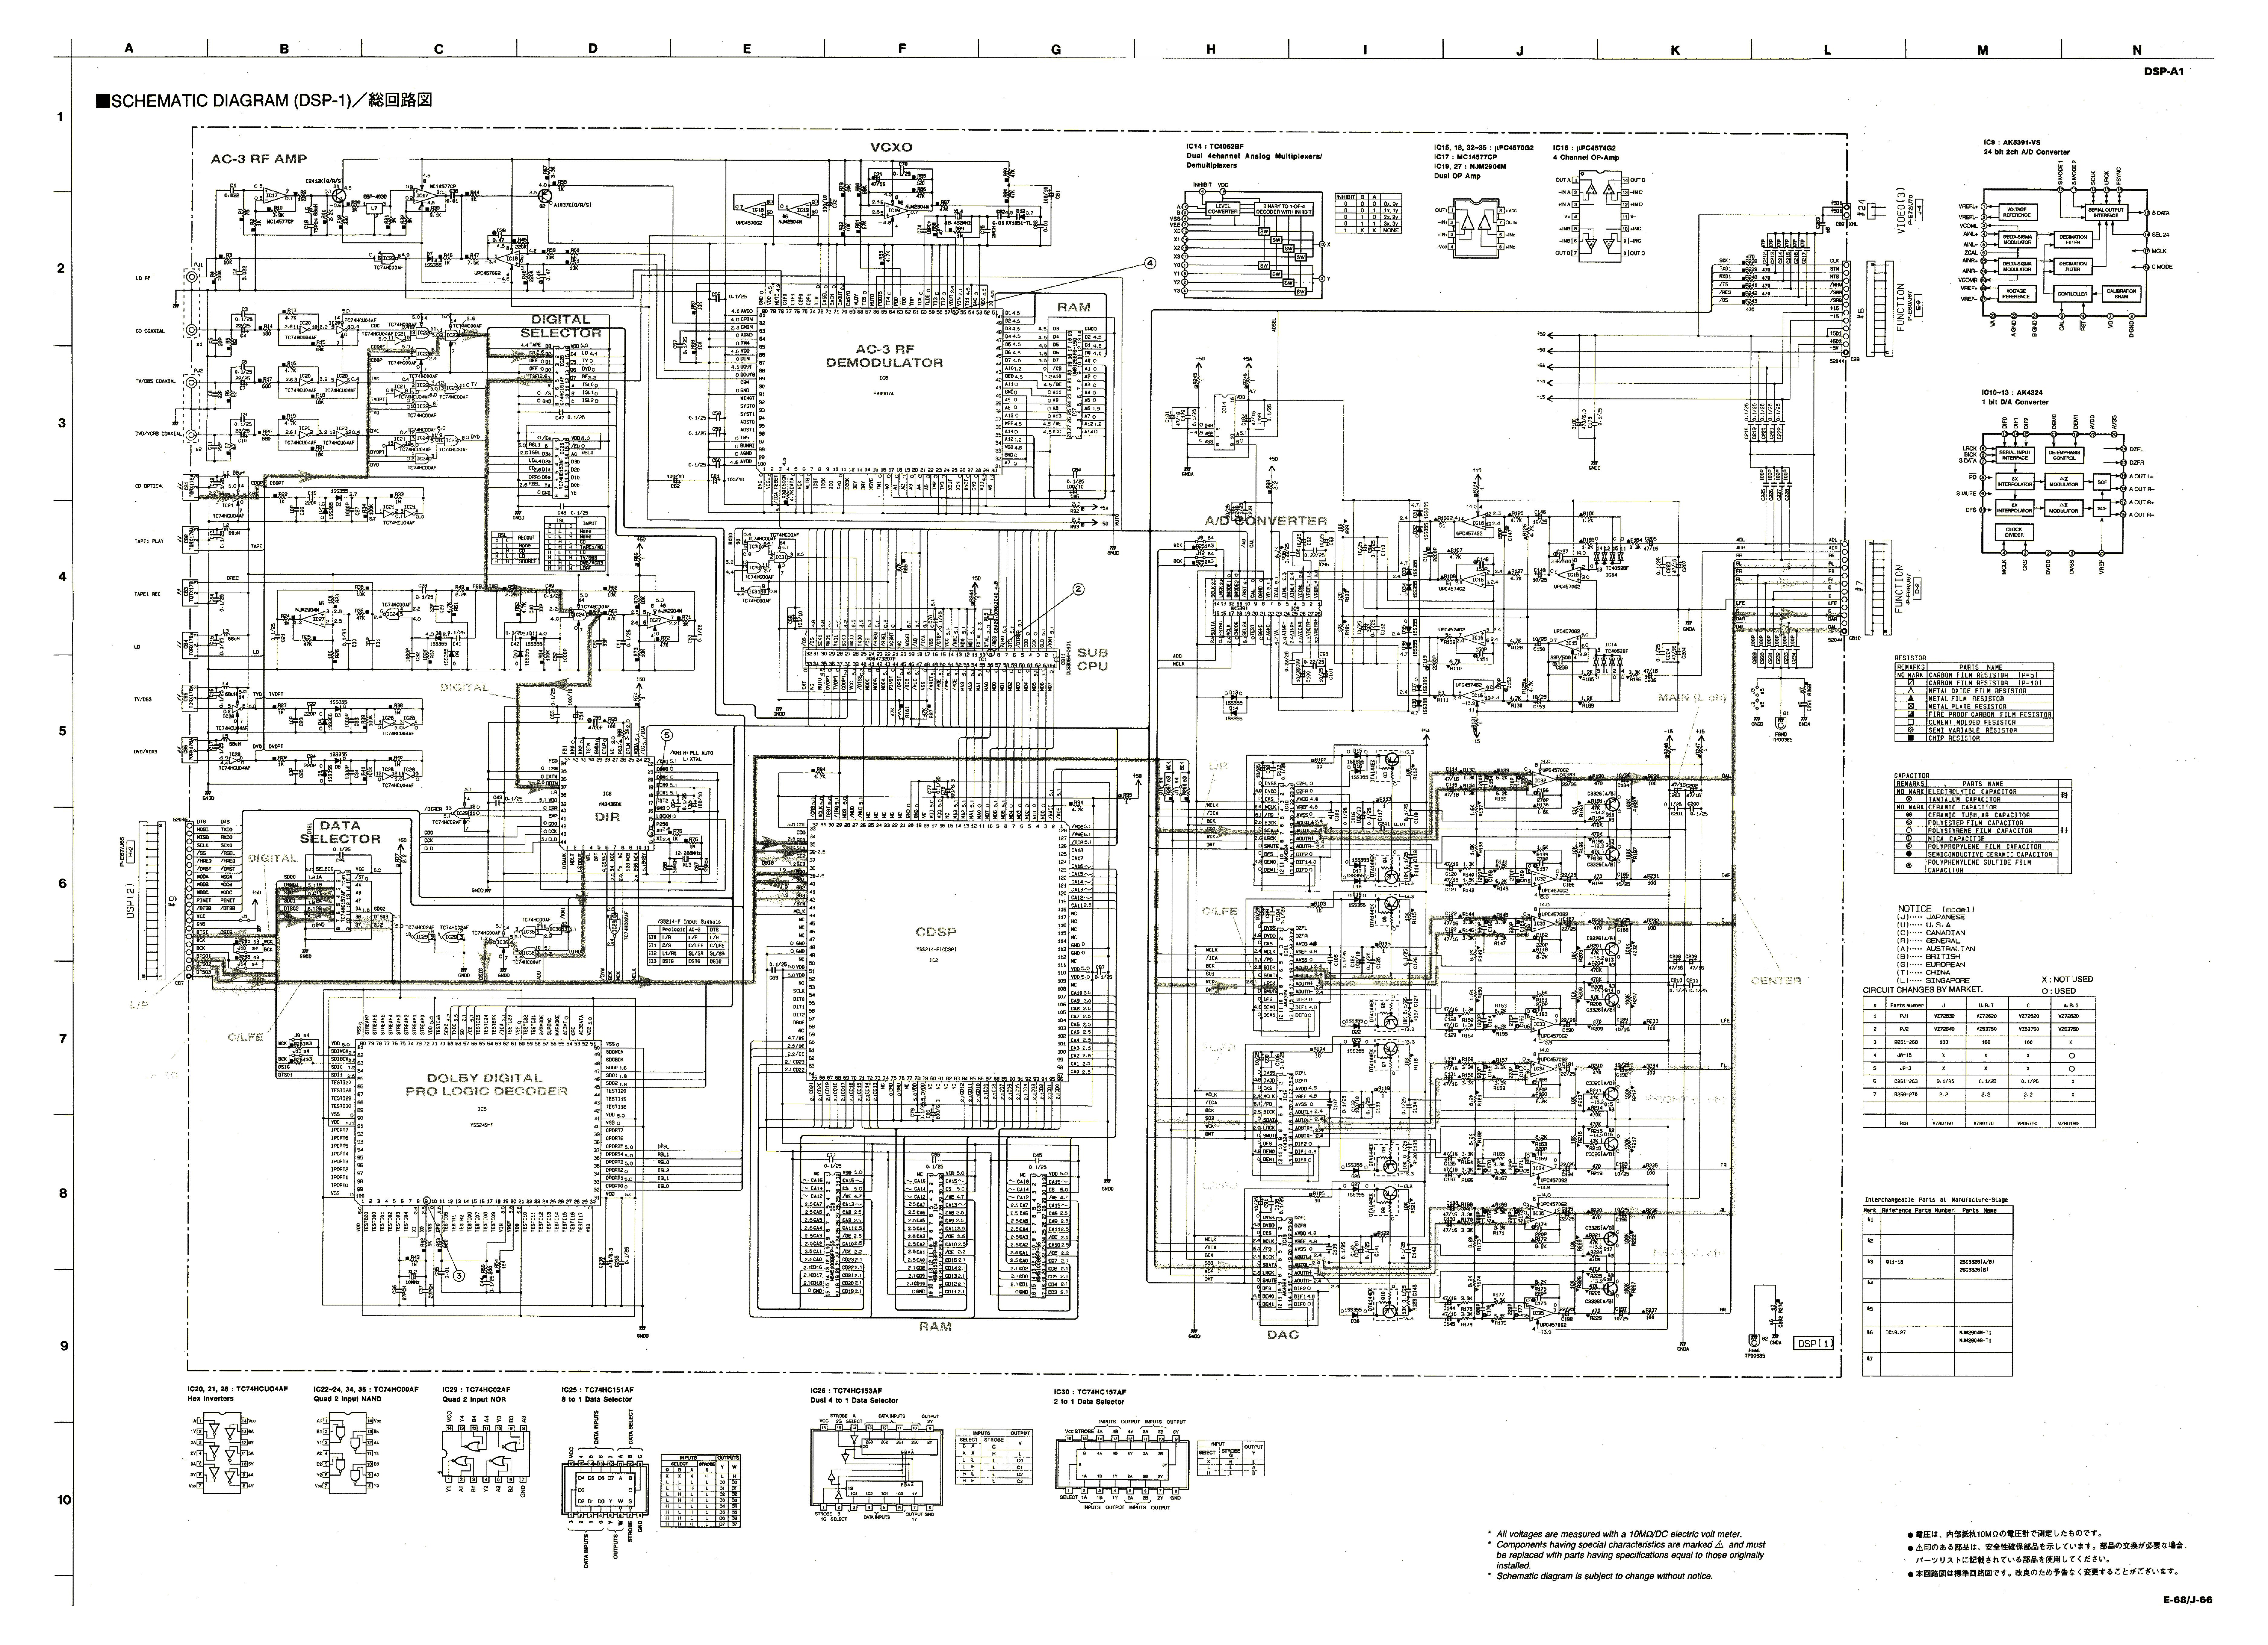 wiring diagram yamaha rxz 135 electrical 2004 yamaha 660 wiring diagram pdf